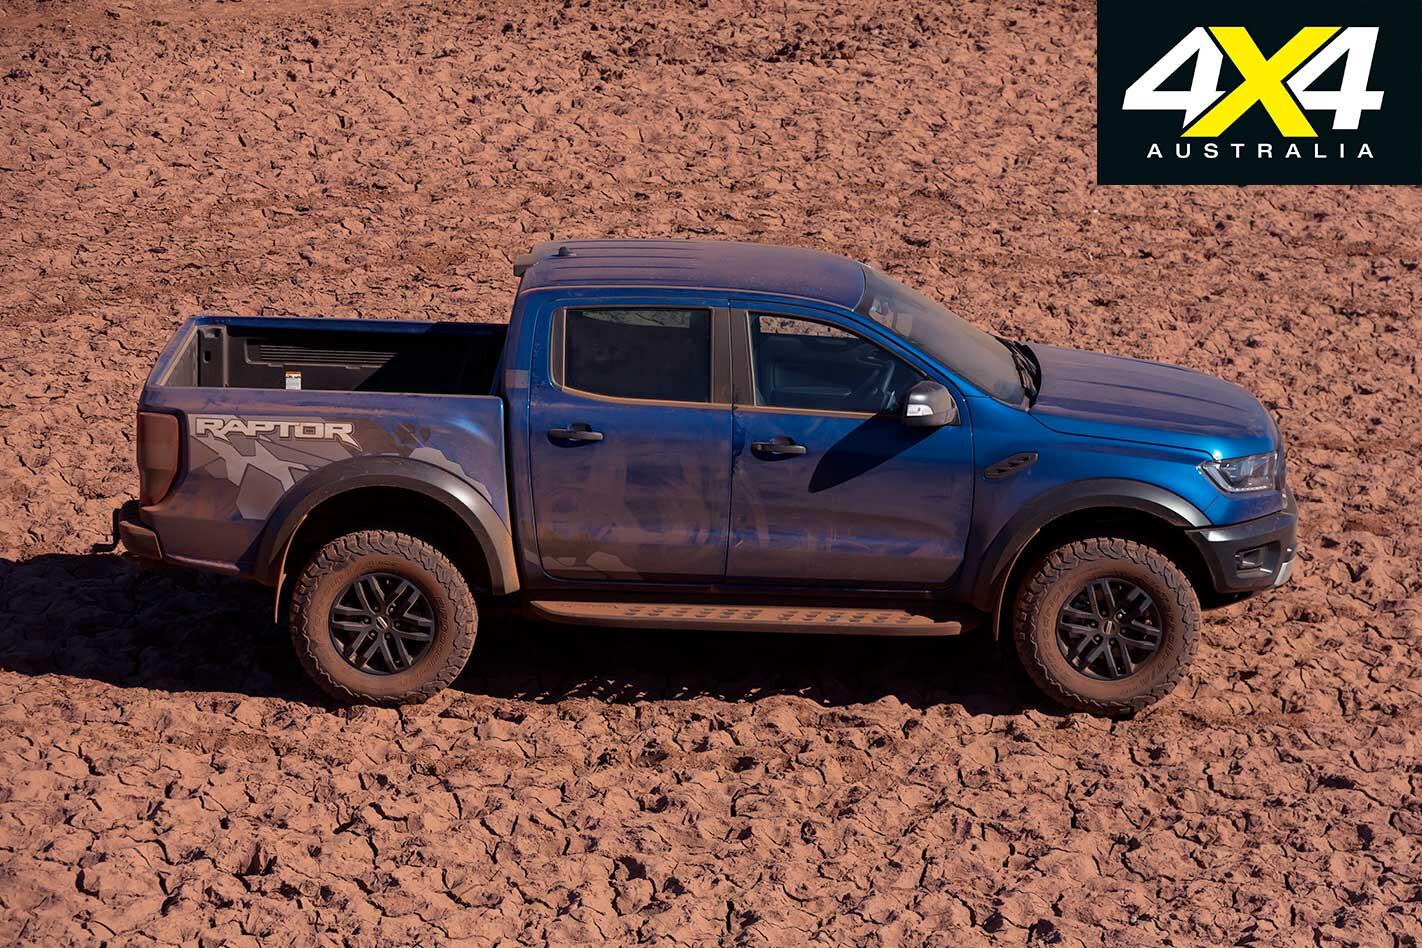 2018 Ford Ranger Raptor Profile Jpg